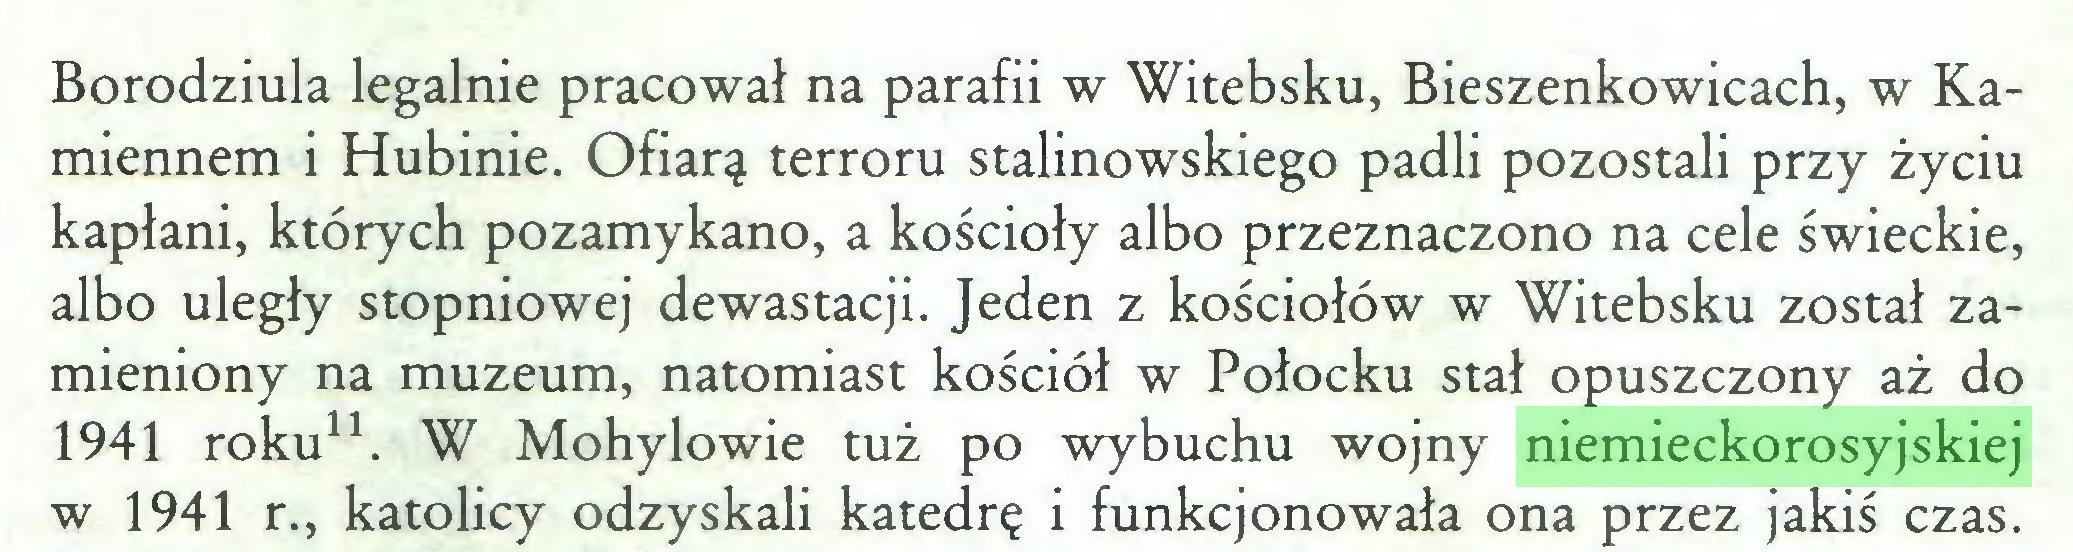 (...) Borodziula legalnie pracował na parafii w Witebsku, Bieszenkowicach, w Kamiennem i Hubinie. Ofiarą terroru stalinowskiego padli pozostali przy życiu kapłani, których pozamykano, a kościoły albo przeznaczono na cele świeckie, albo uległy stopniowej dewastacji. Jeden z kościołów w Witebsku został zamieniony na muzeum, natomiast kościół w Połocku stał opuszczony aż do 1941 roku11. W Mohylowie tuż po wybuchu wojny niemieckorosyjskiej w 1941 r., katolicy odzyskali katedrę i funkcjonowała ona przez jakiś czas...